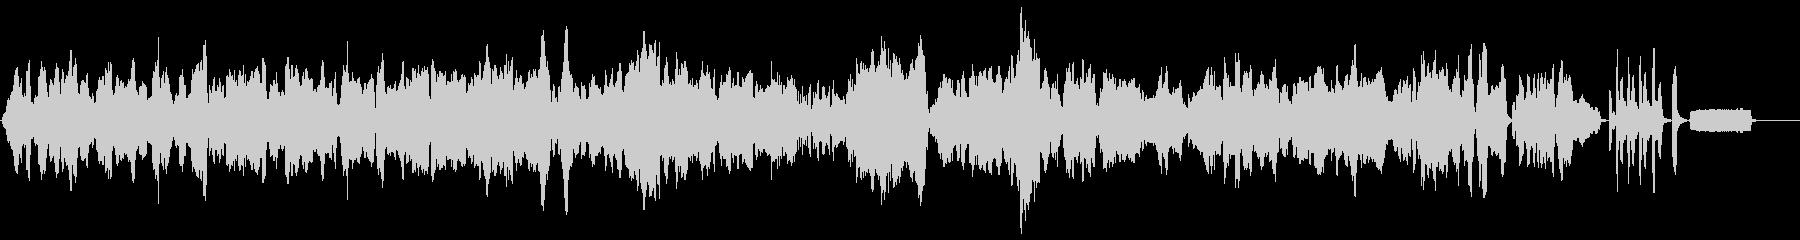 ショパンの名曲のリコーダーアレンジの未再生の波形